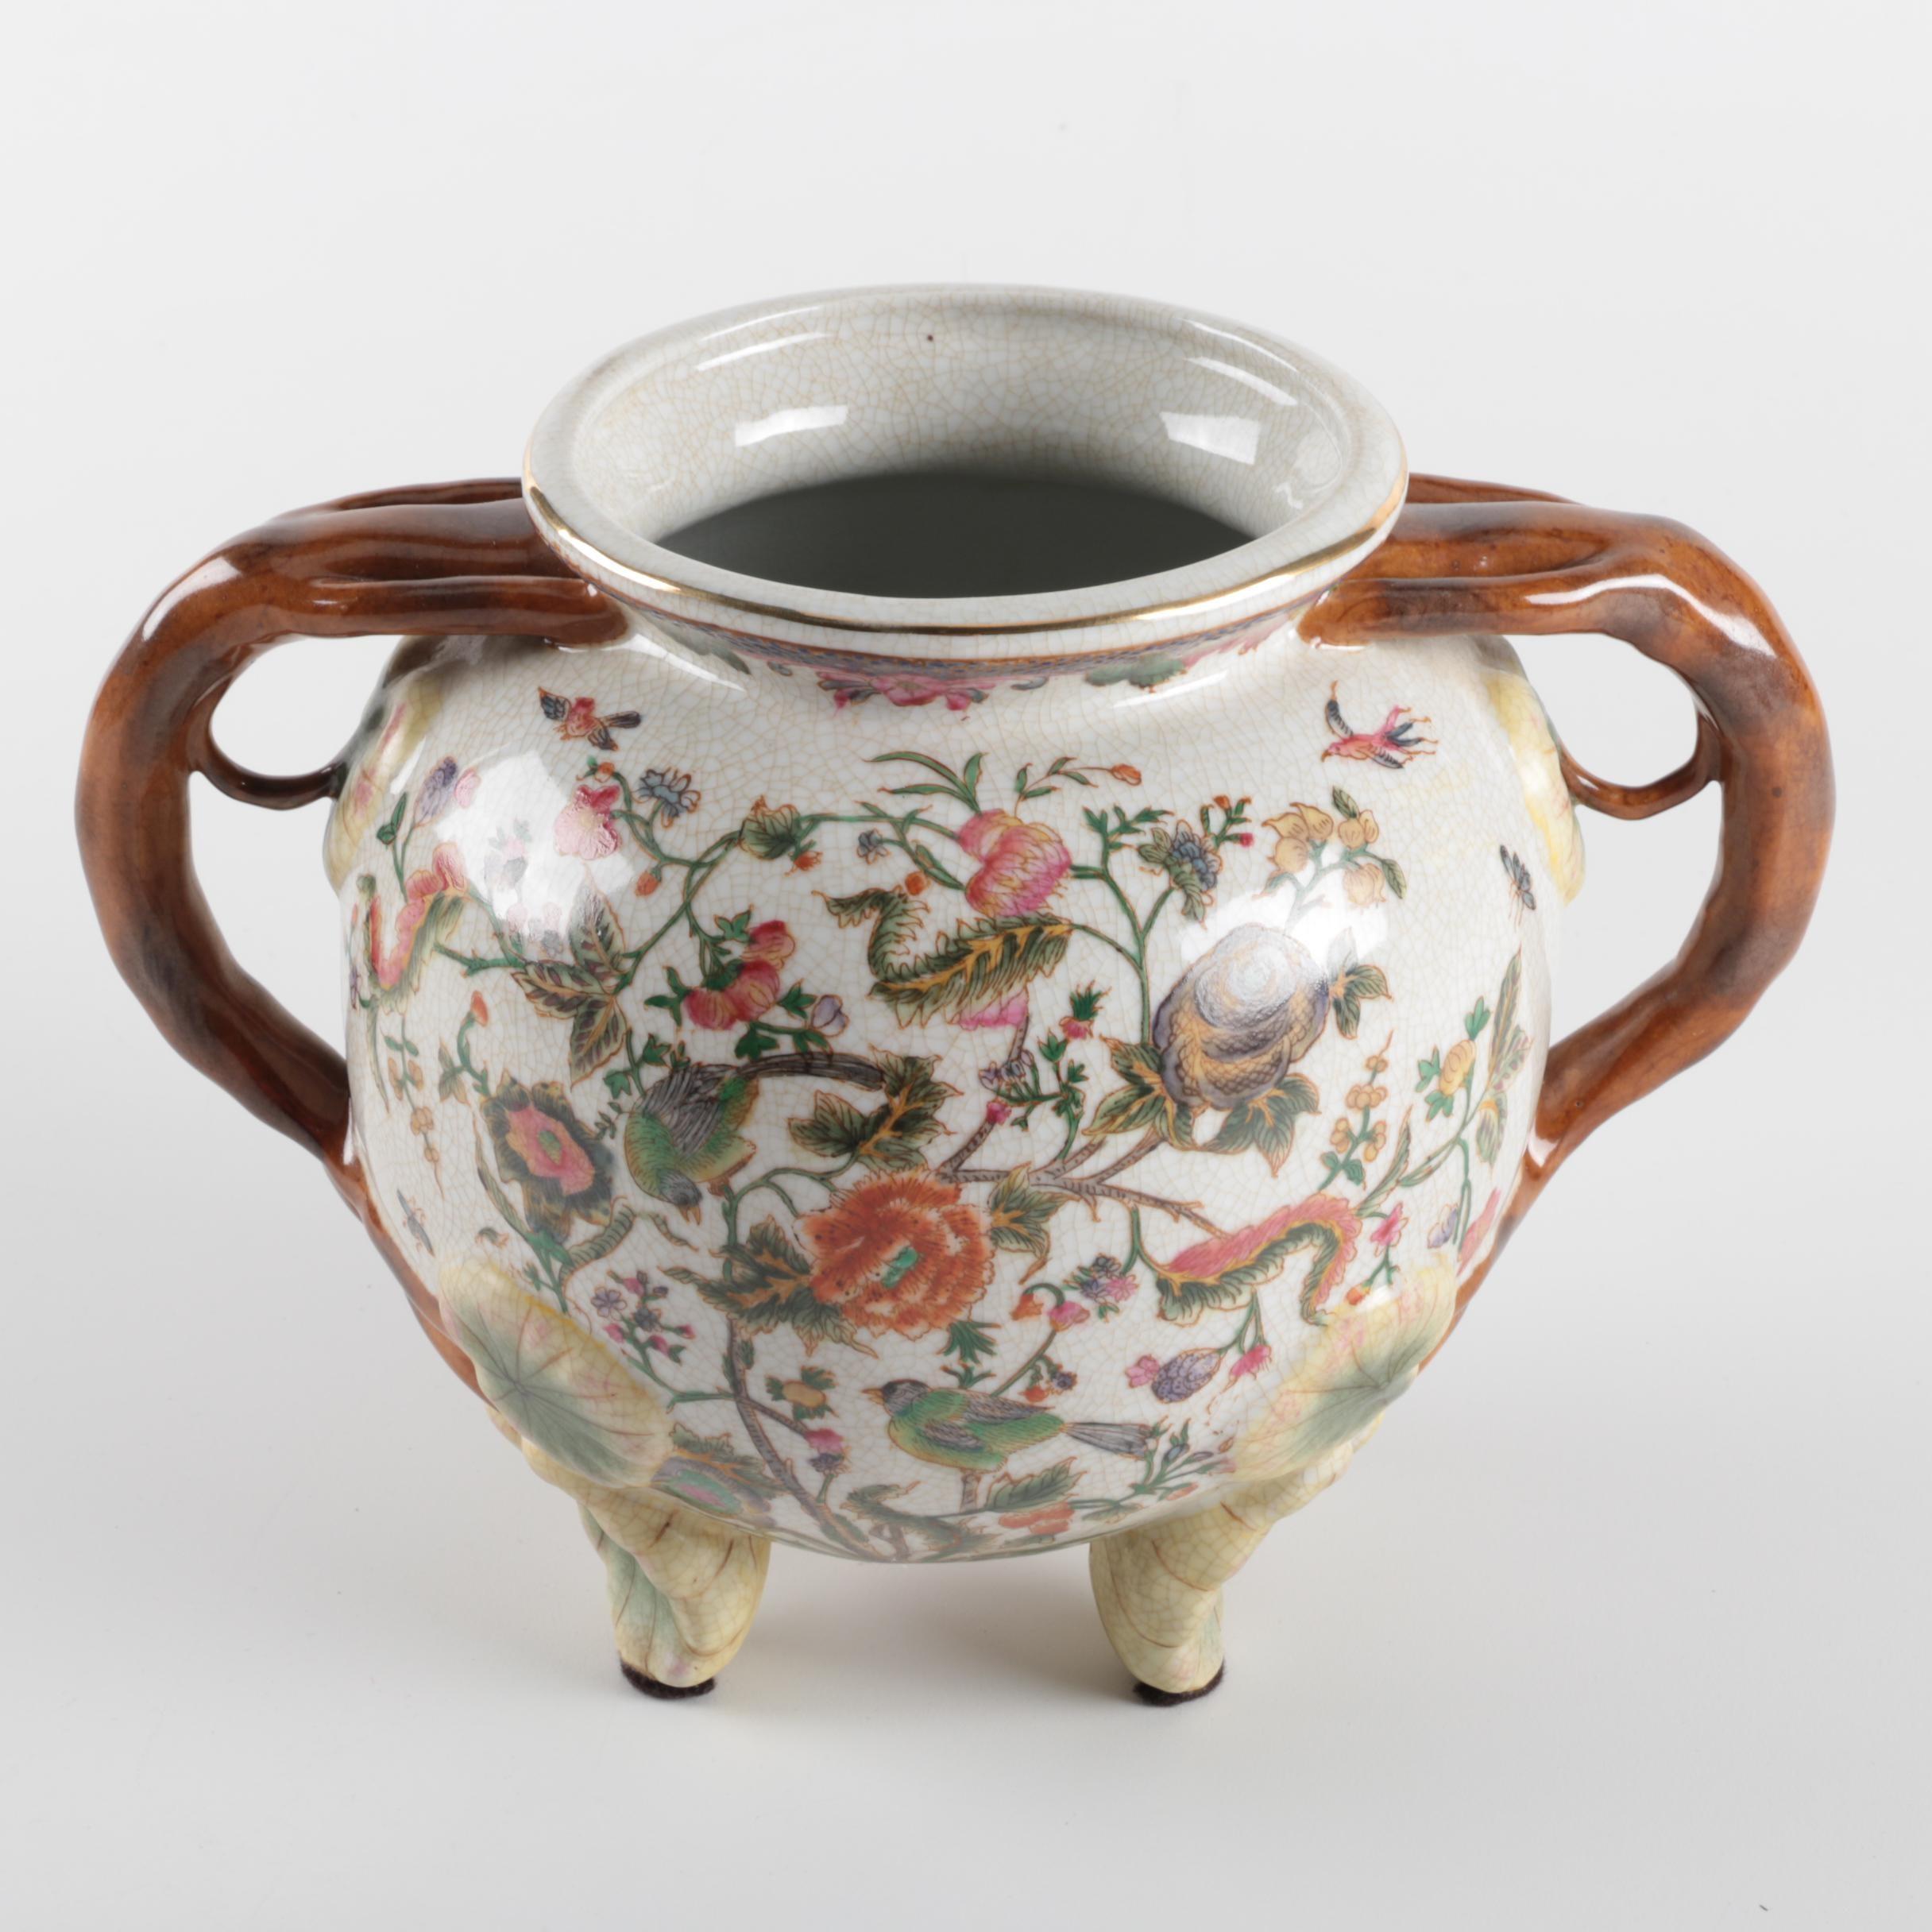 Chinese Decorative Pot